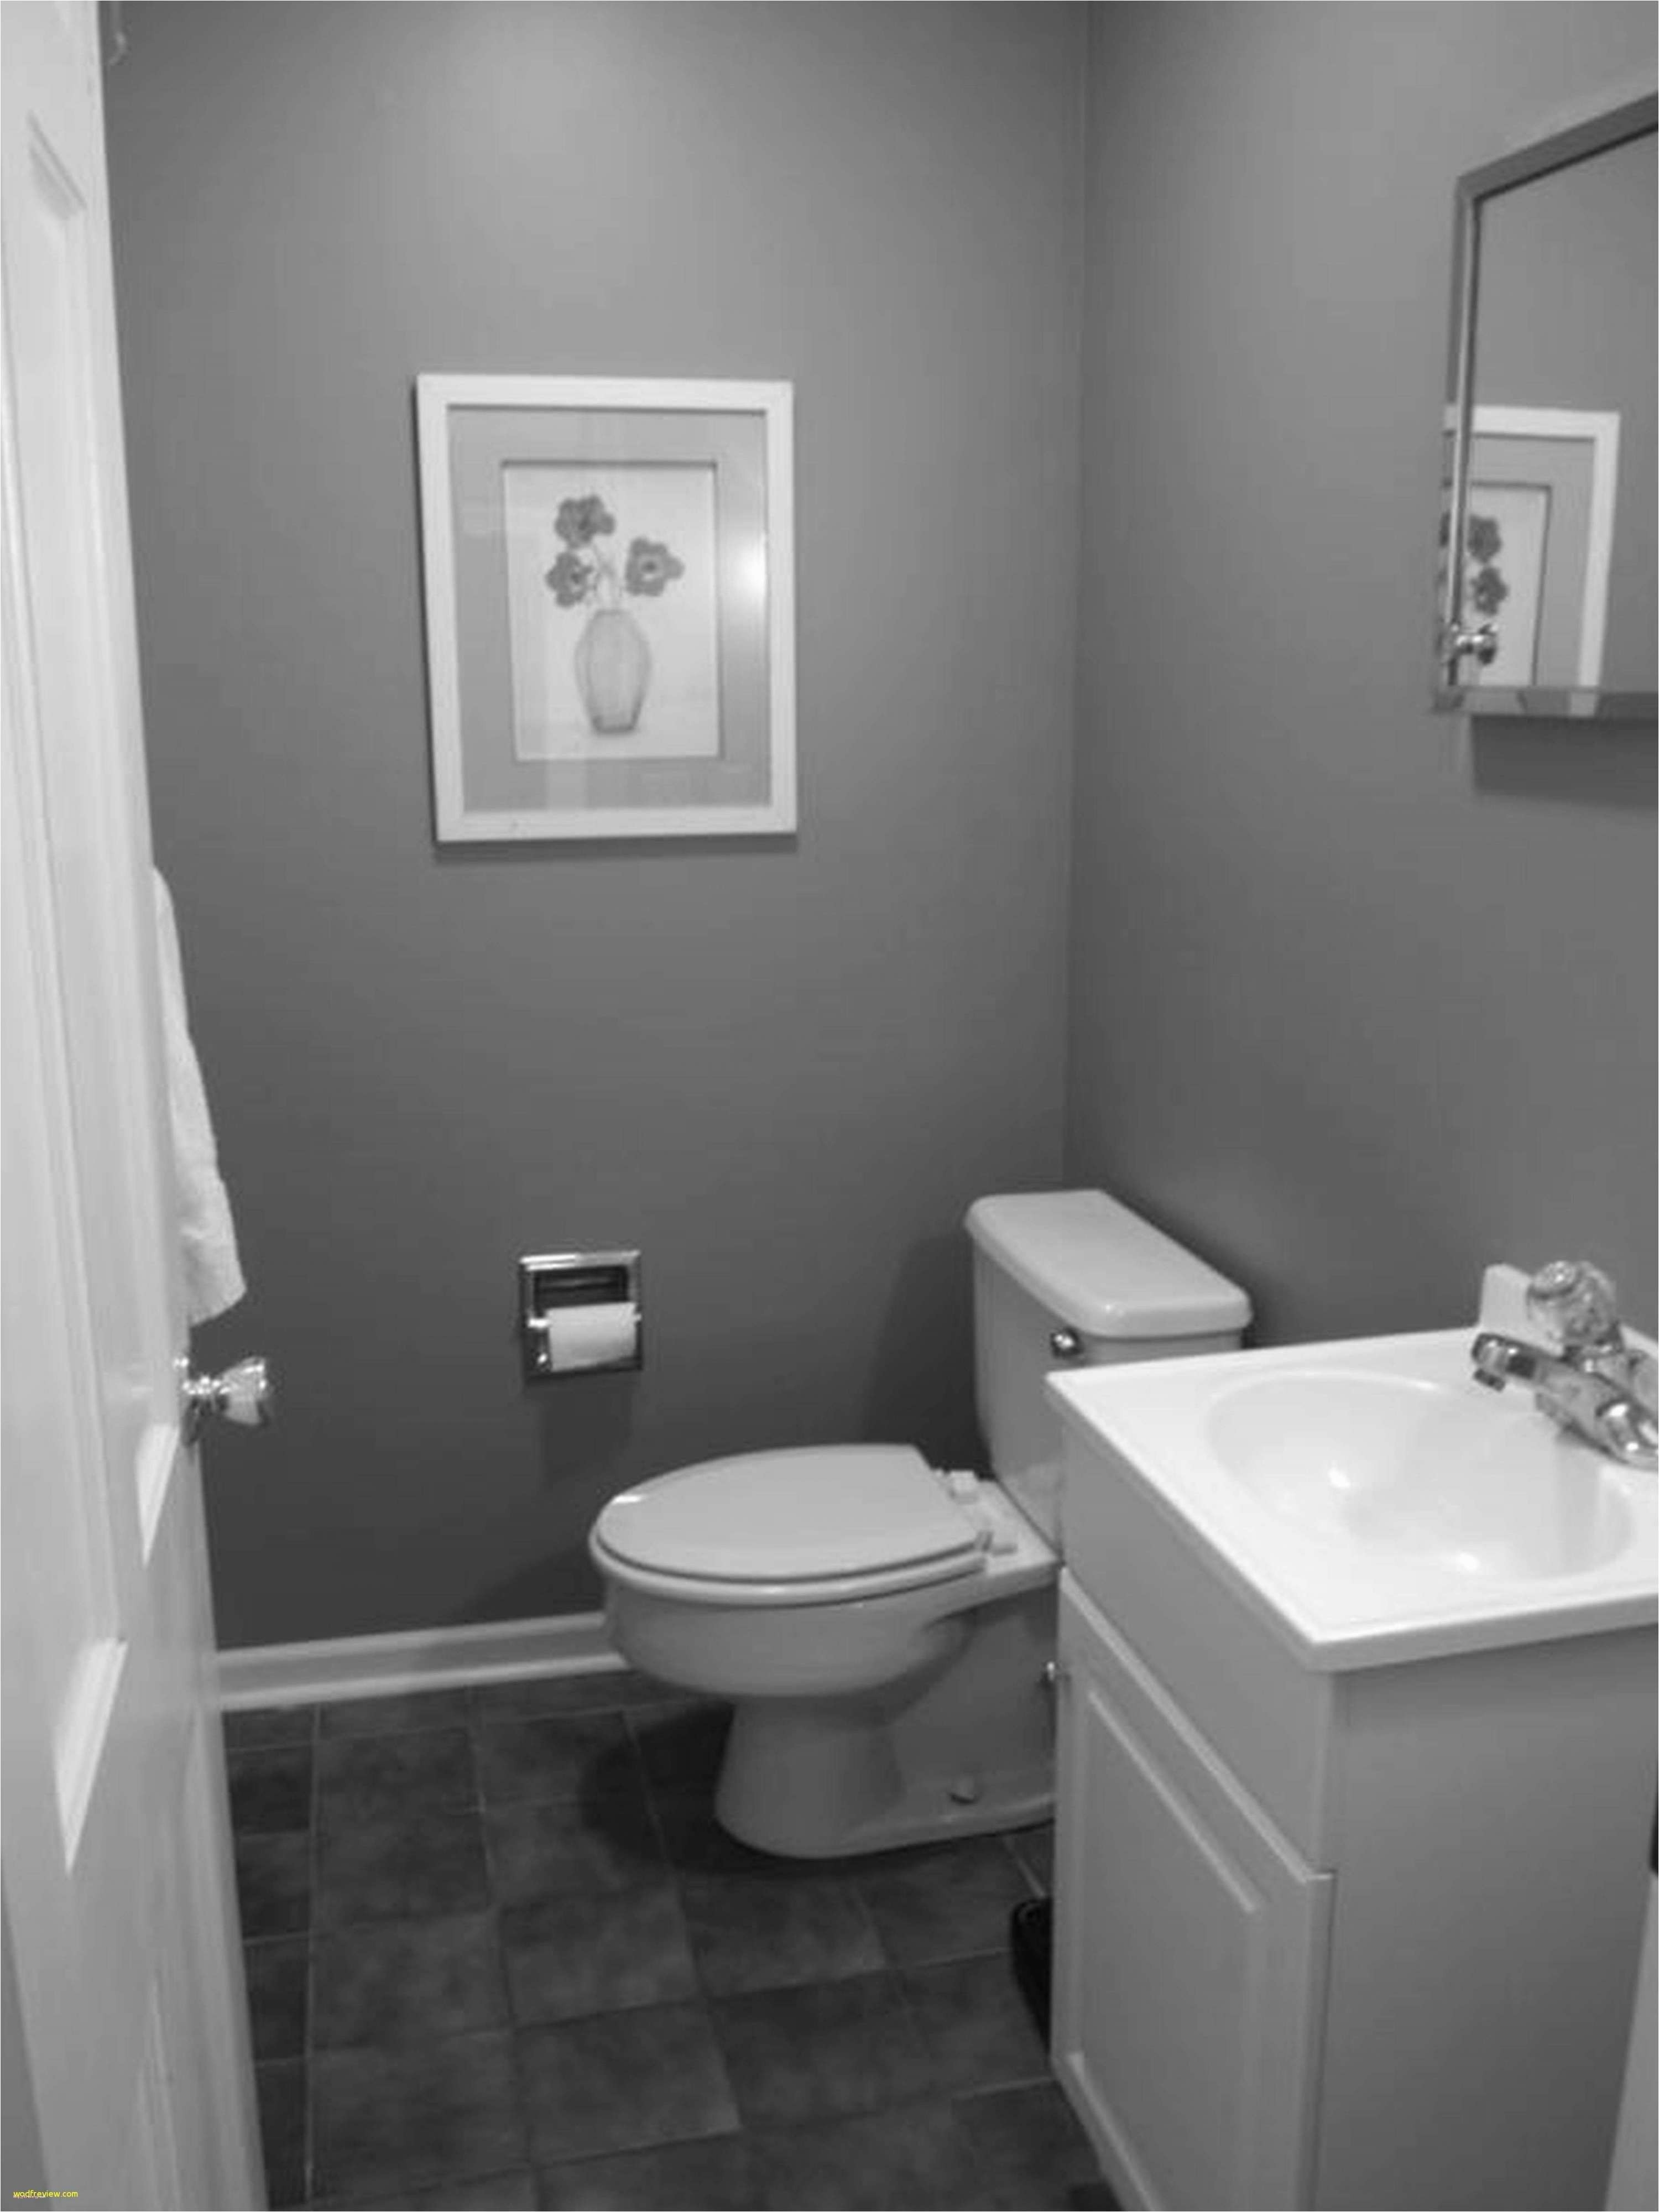 New Bathroom Tile New Bathroom Floor Tile Ideas For Small Bathrooms Vintage Small Bathroom